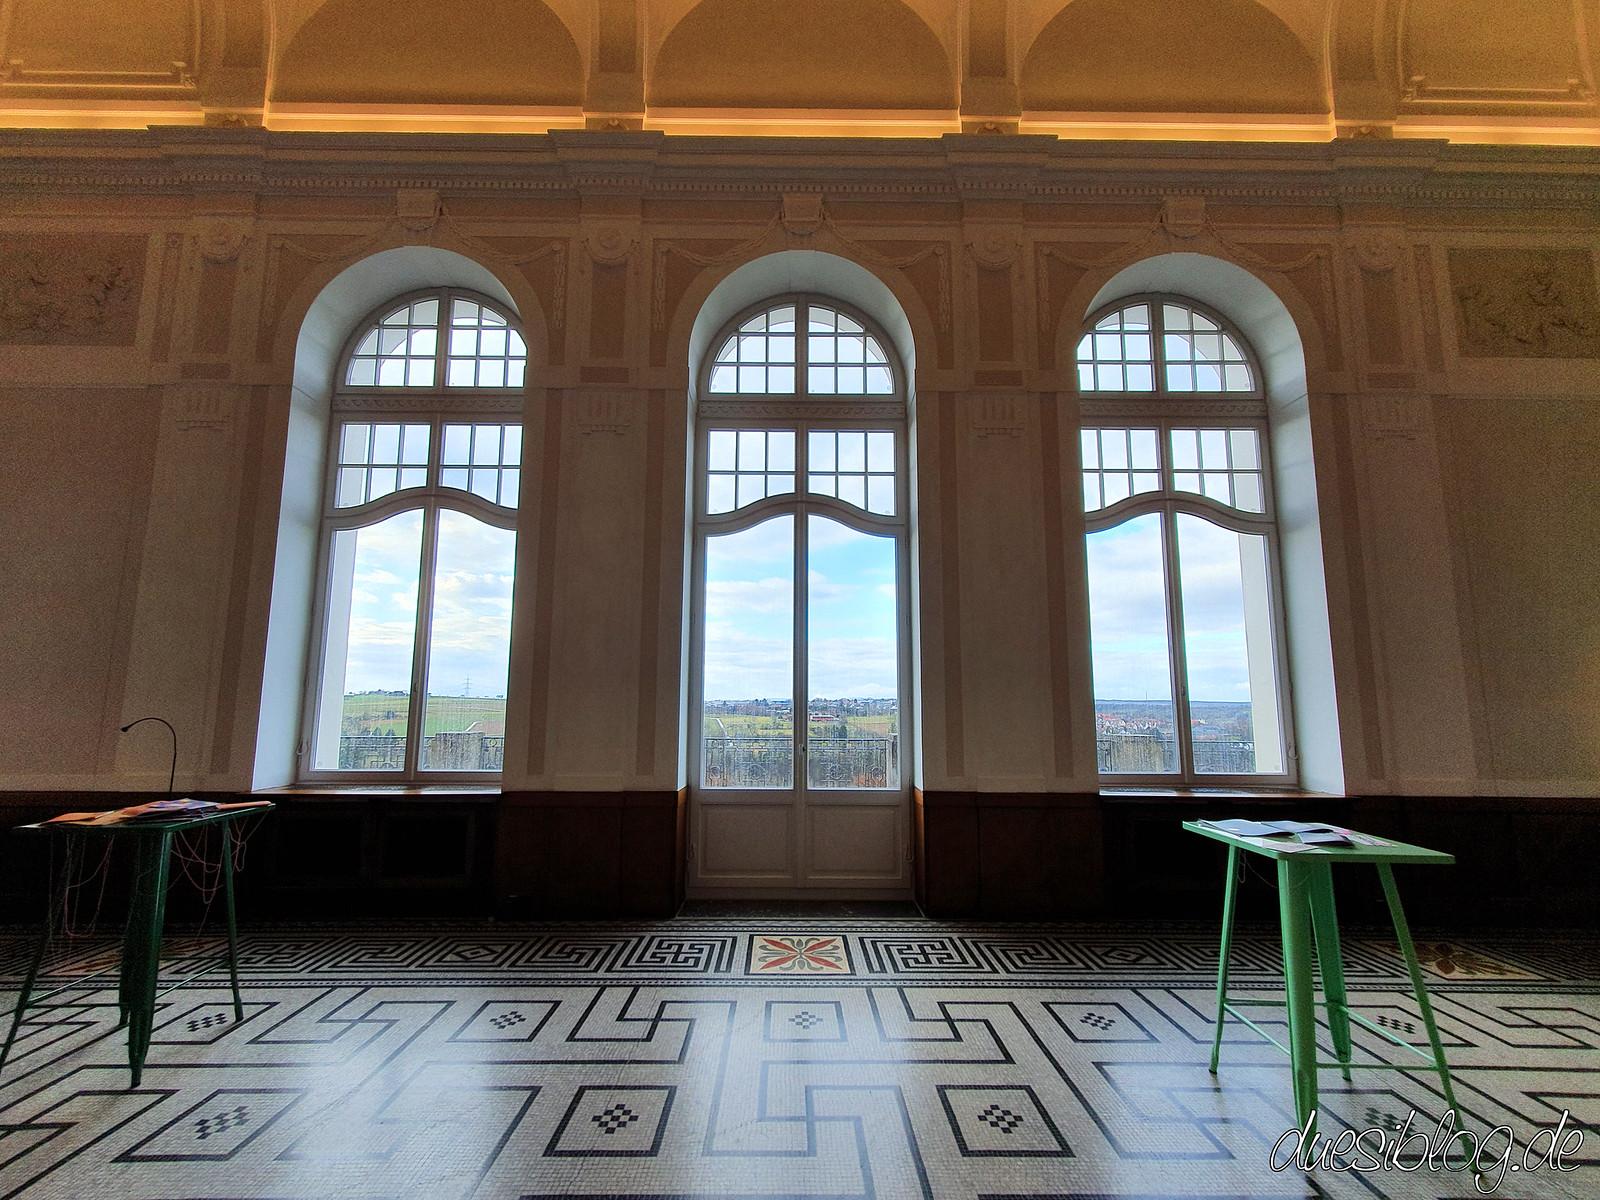 Schiller-Nationalmuseum Literaturmuseum der Moderne Marbach duesiblog 02